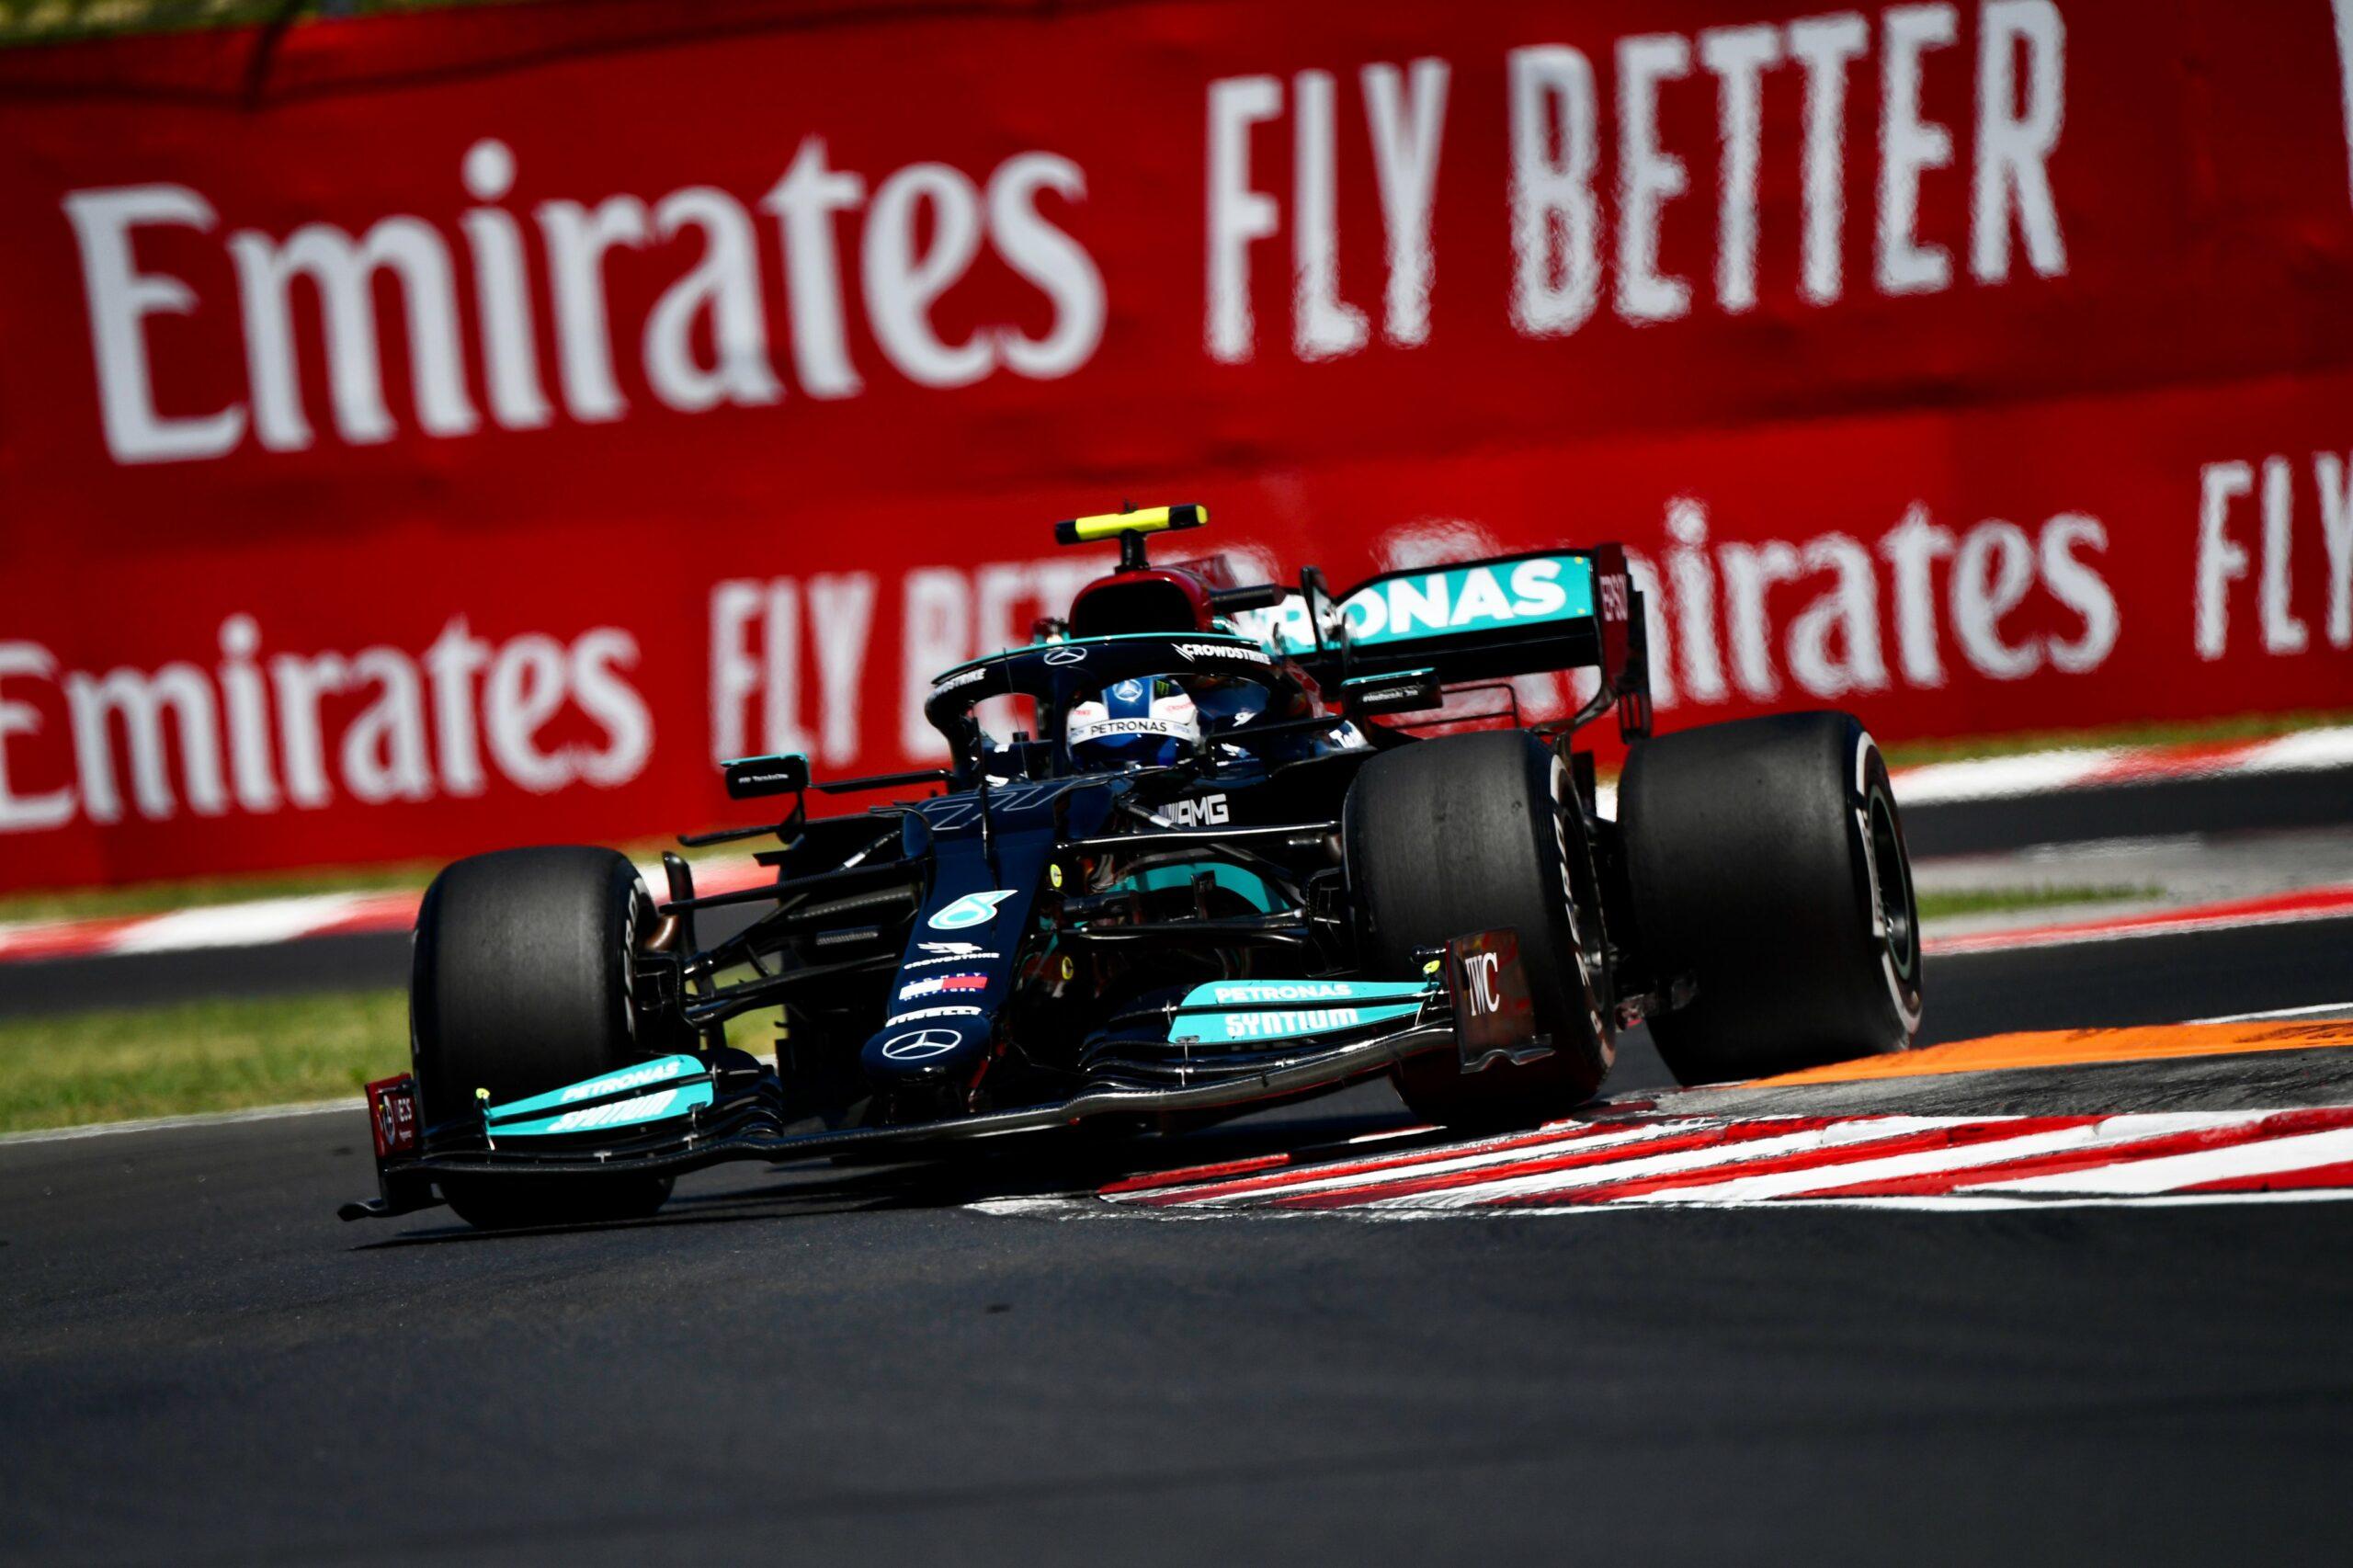 F1 - Bottas avait l'impression d'être dans un sauna finlandais ce vendredi